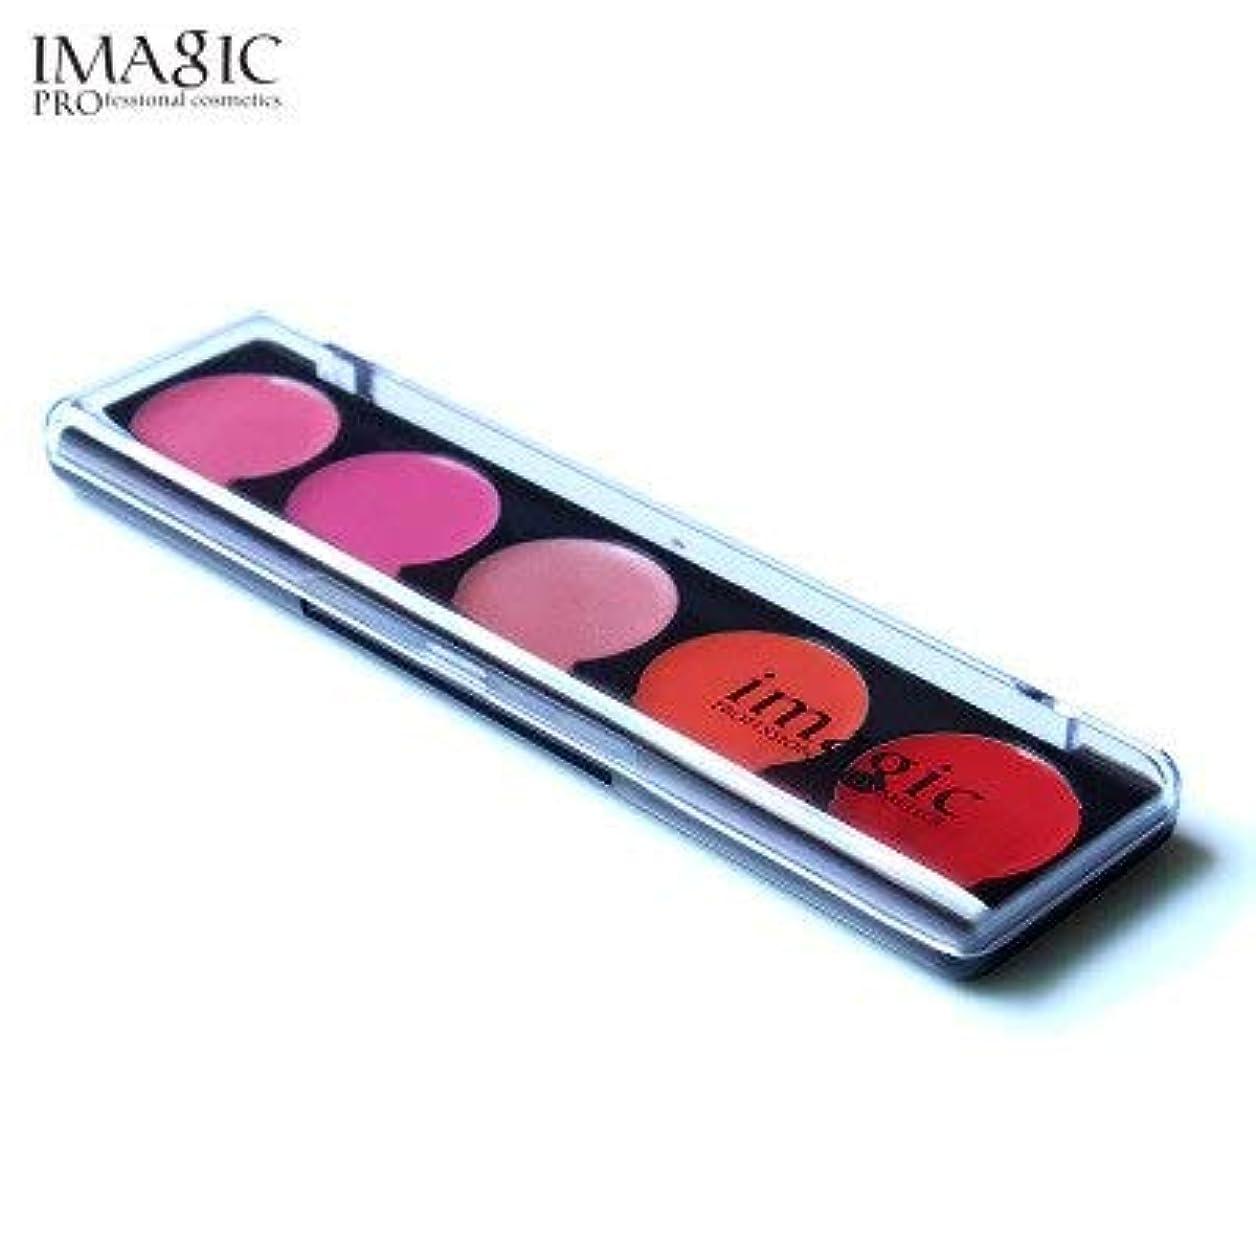 無知食品ハシーNOTEイマジック5色化粧口紅パレット持続美しさ顔料ナチュラリップスティック化粧品セット防水口紅化粧品